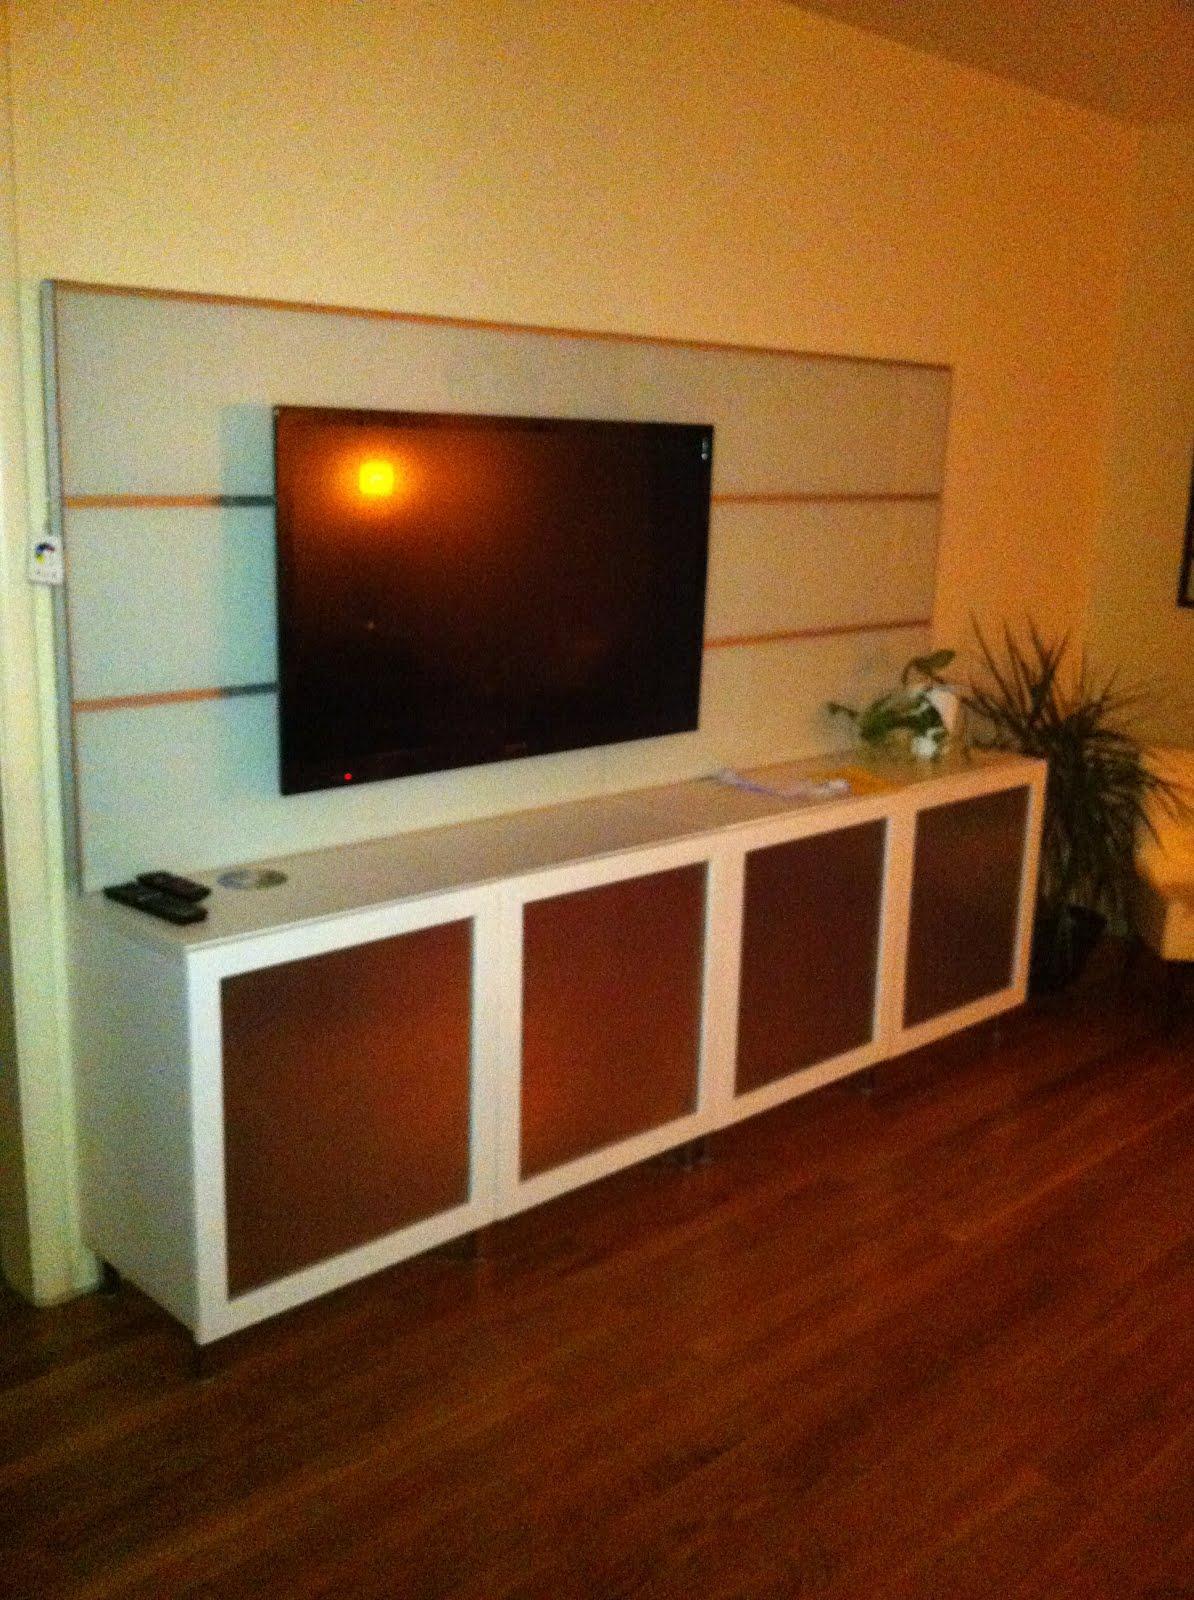 cool speaker friendly besta doors hack get home decorating. Black Bedroom Furniture Sets. Home Design Ideas